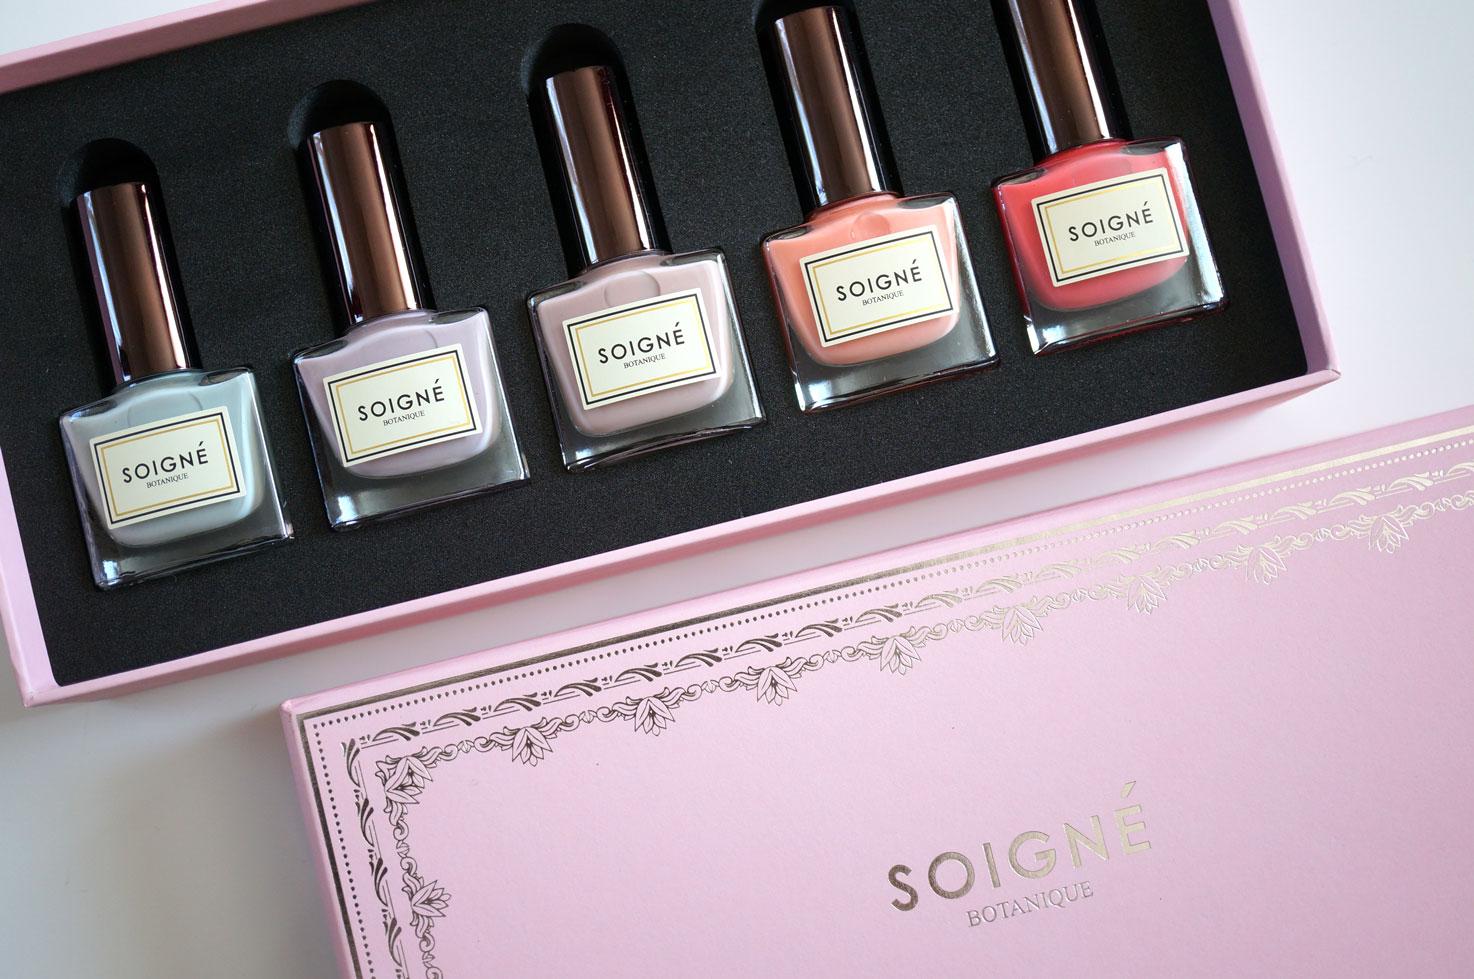 soigne-macaron-nail-polish-set